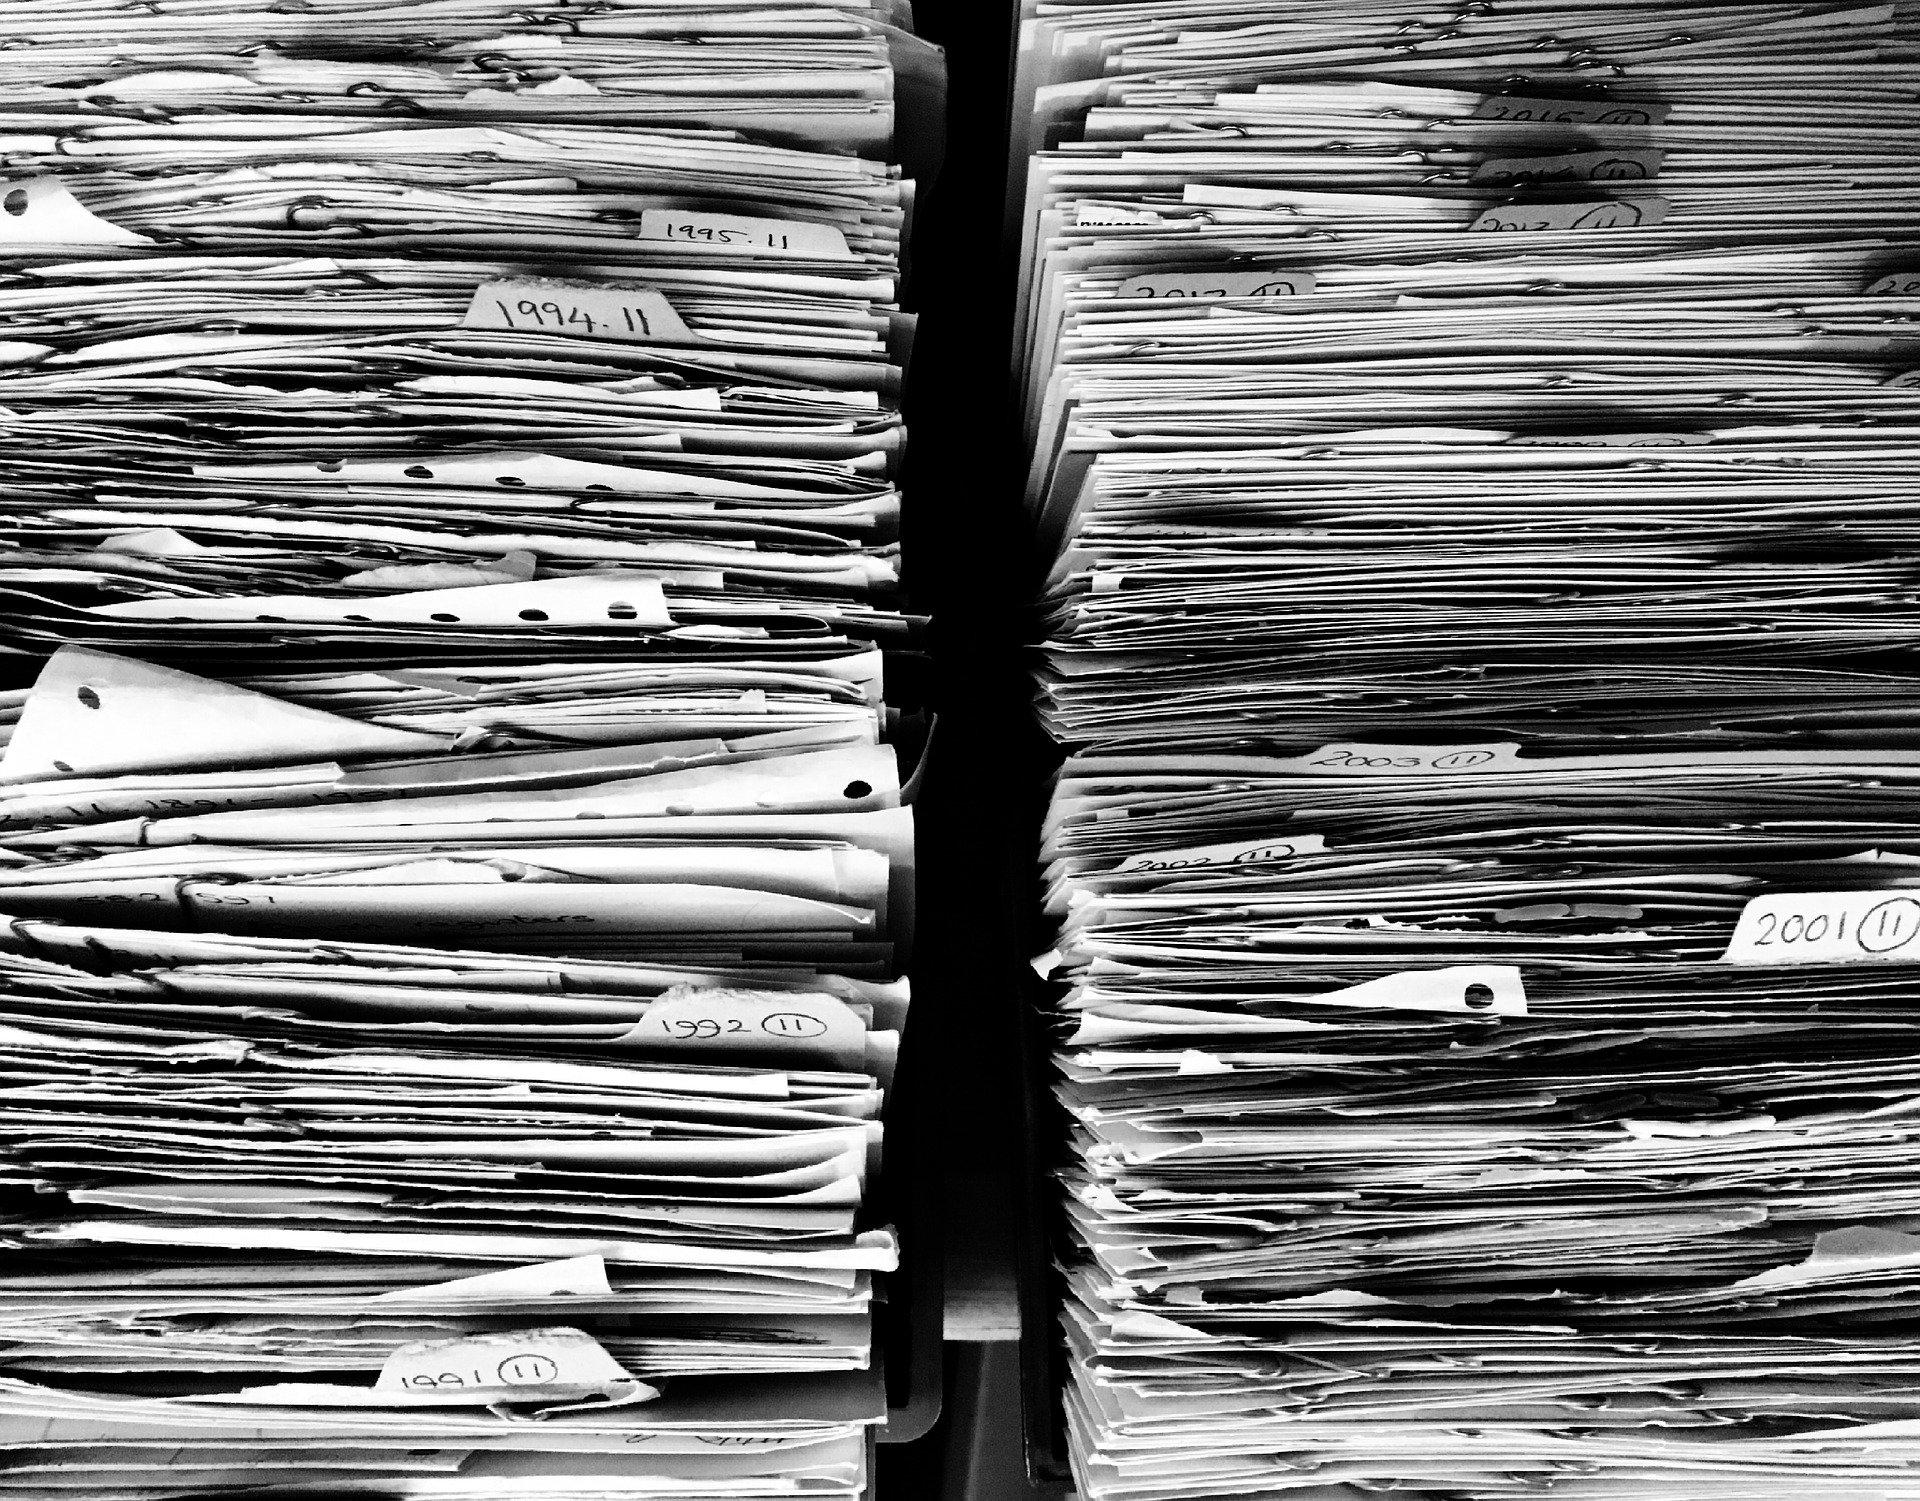 Dossiers d'assurances papiers